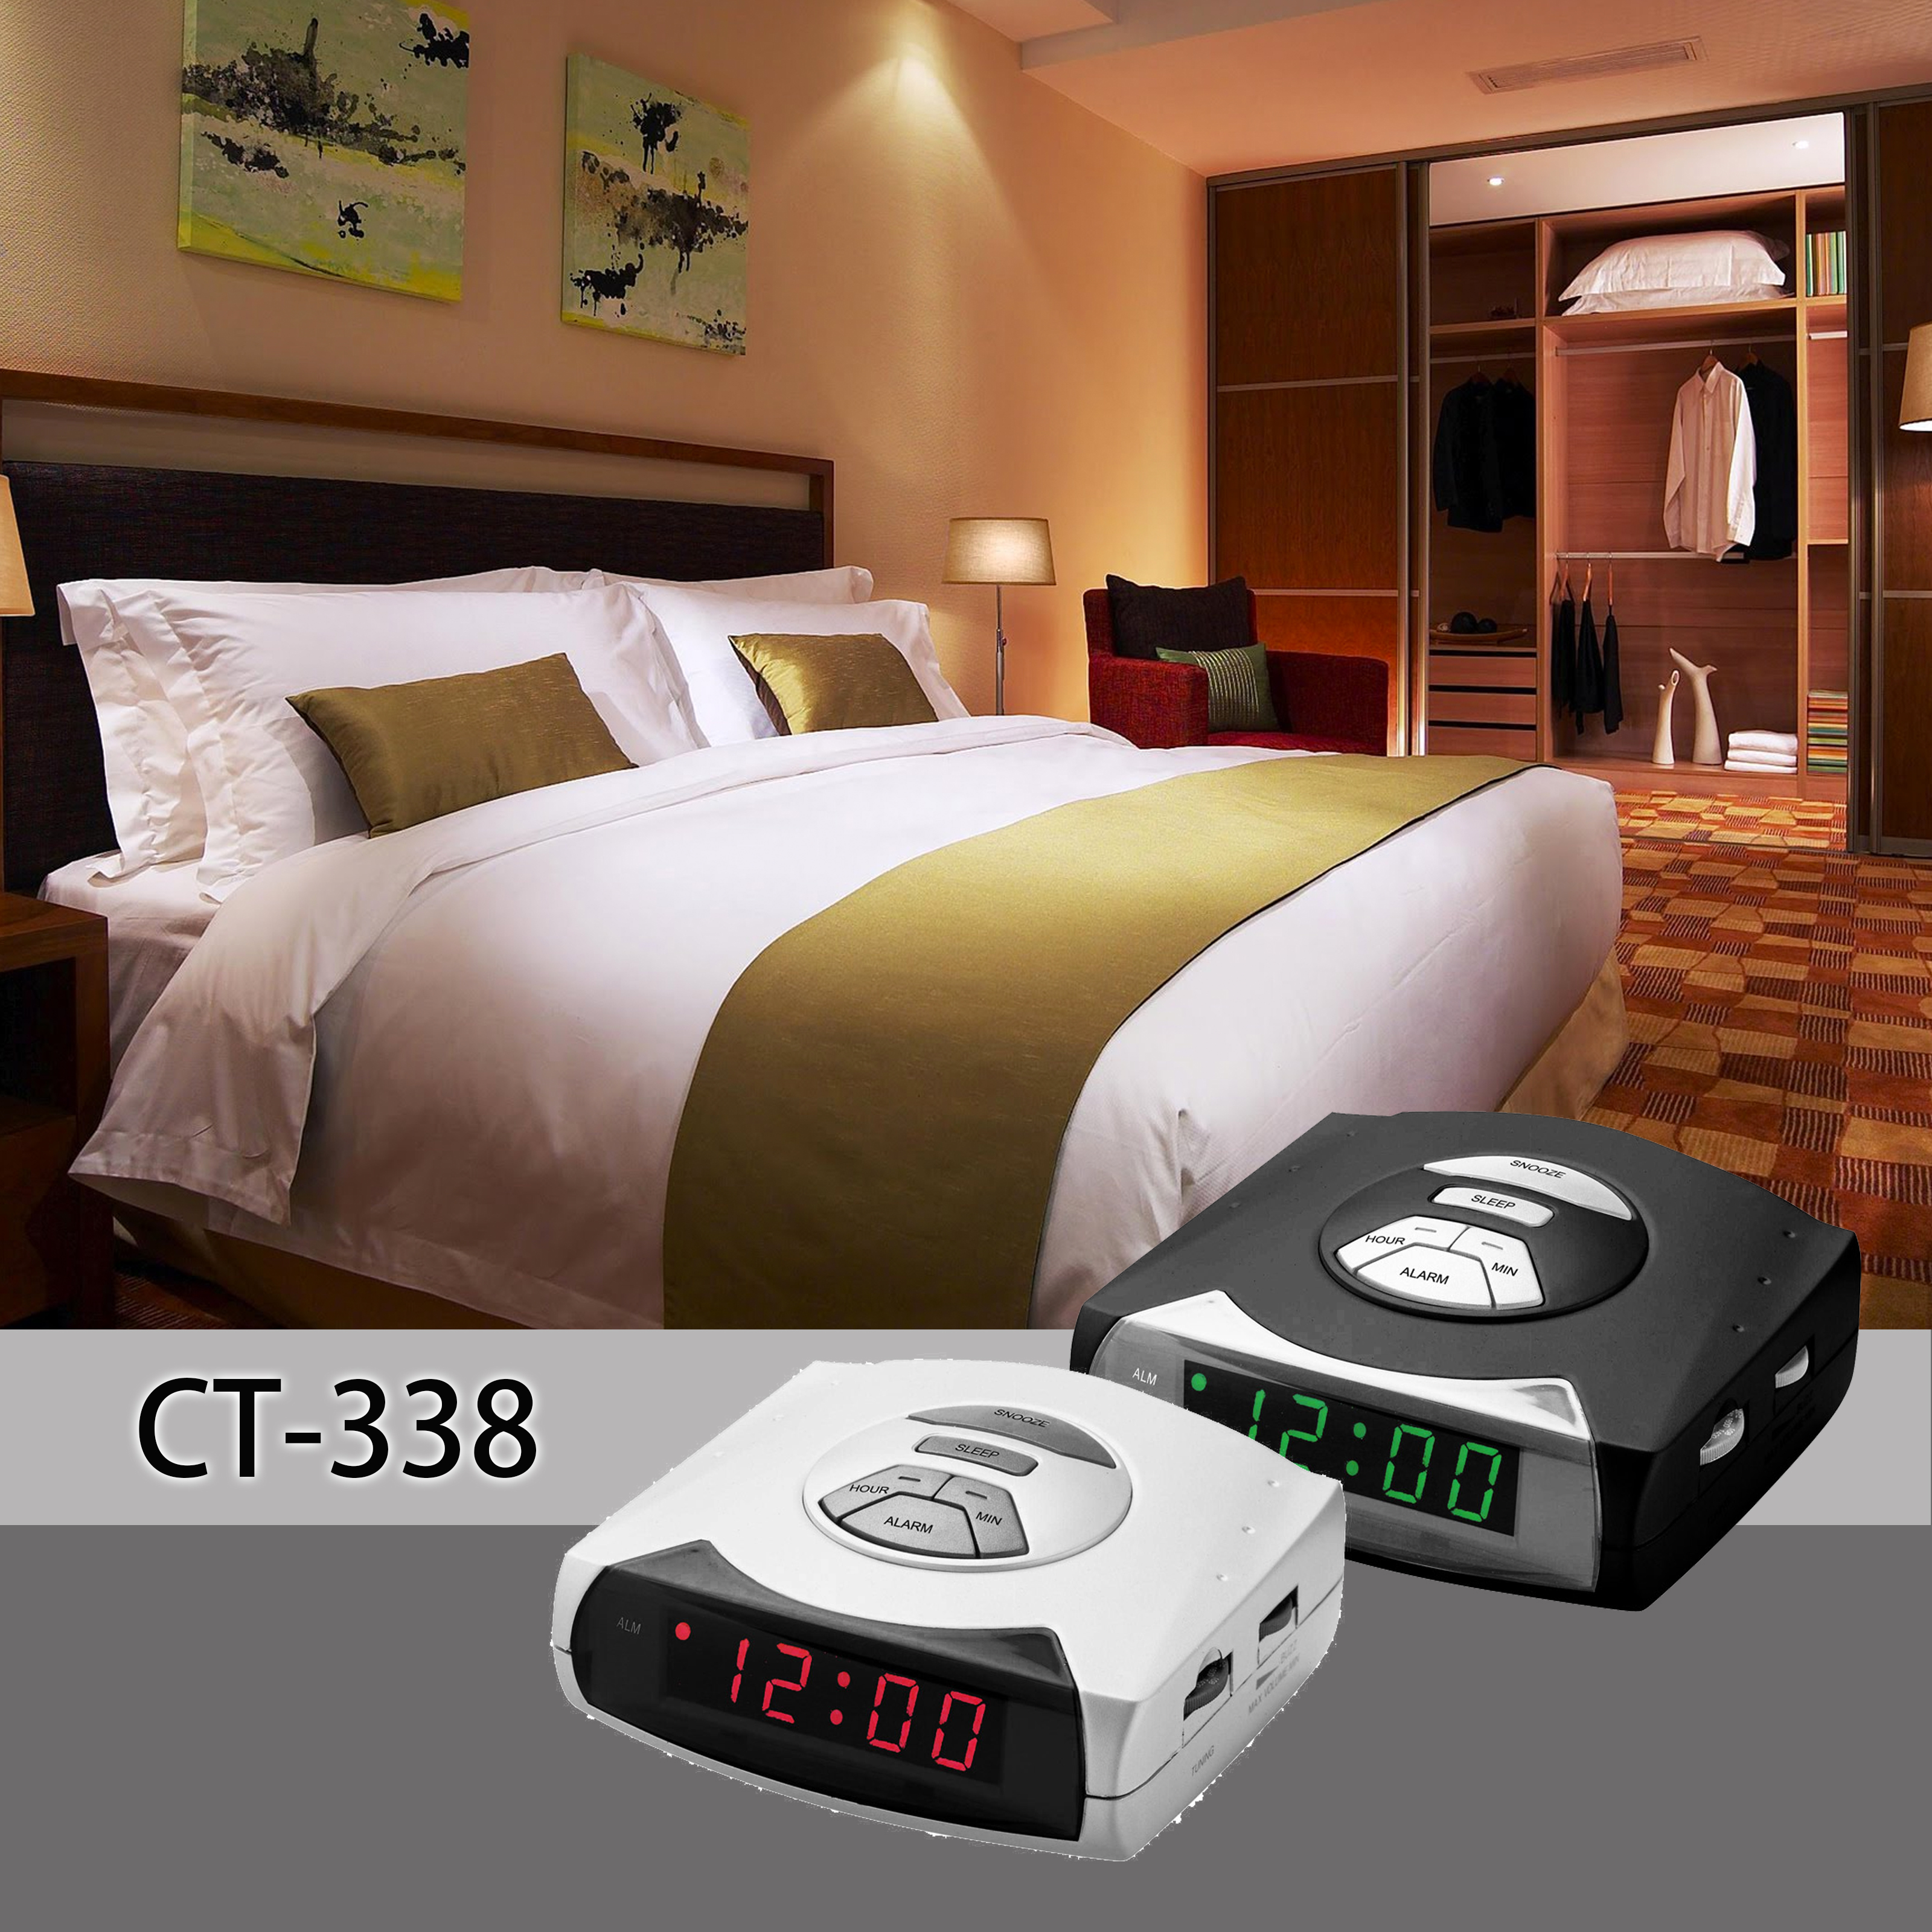 CT-338 bedroom .jpg